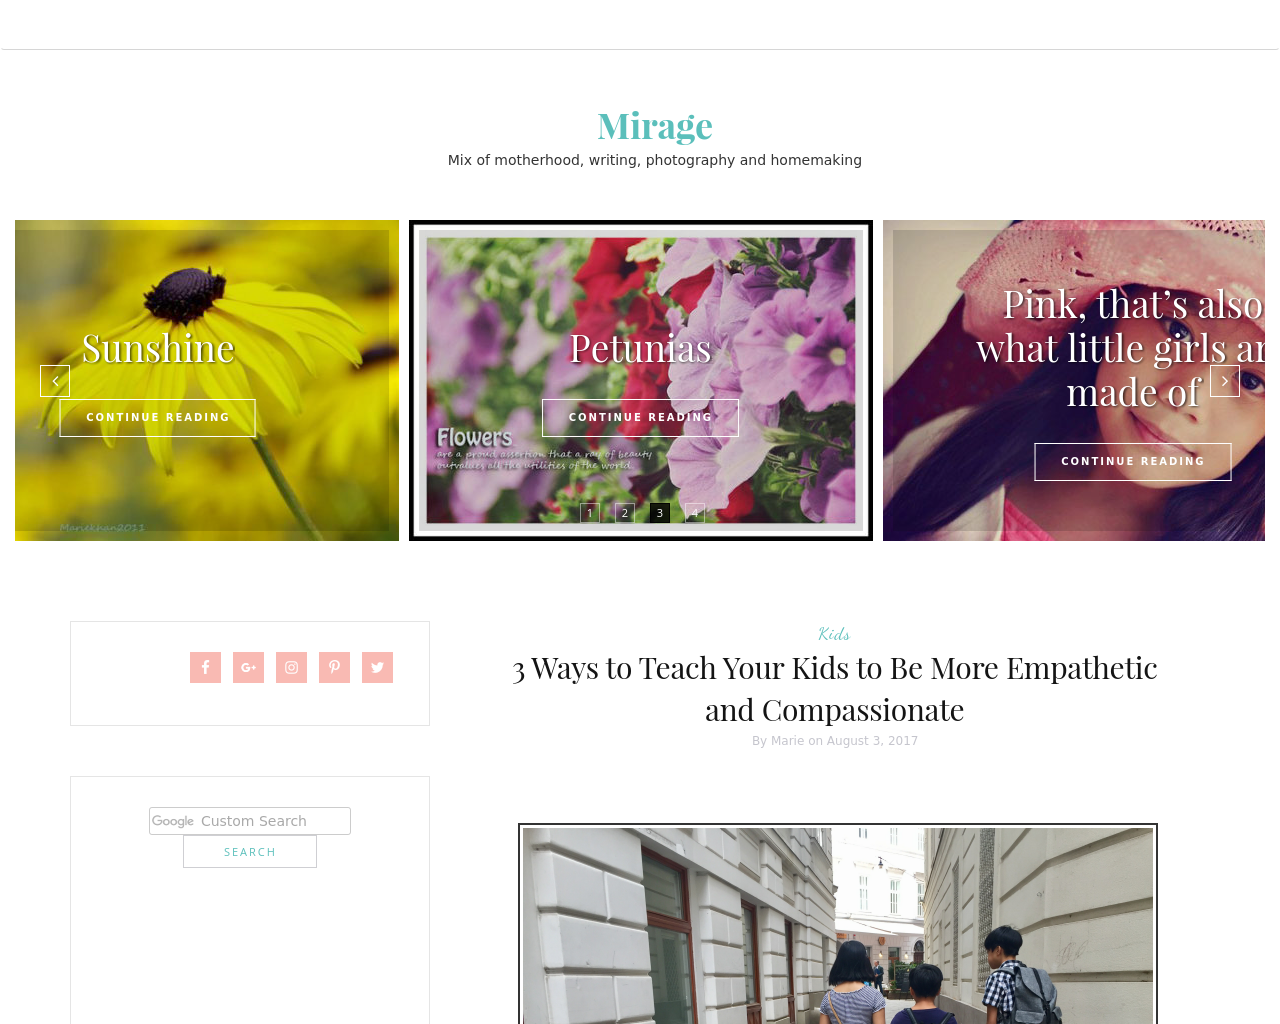 Mirage-Advertising-Reviews-Pricing